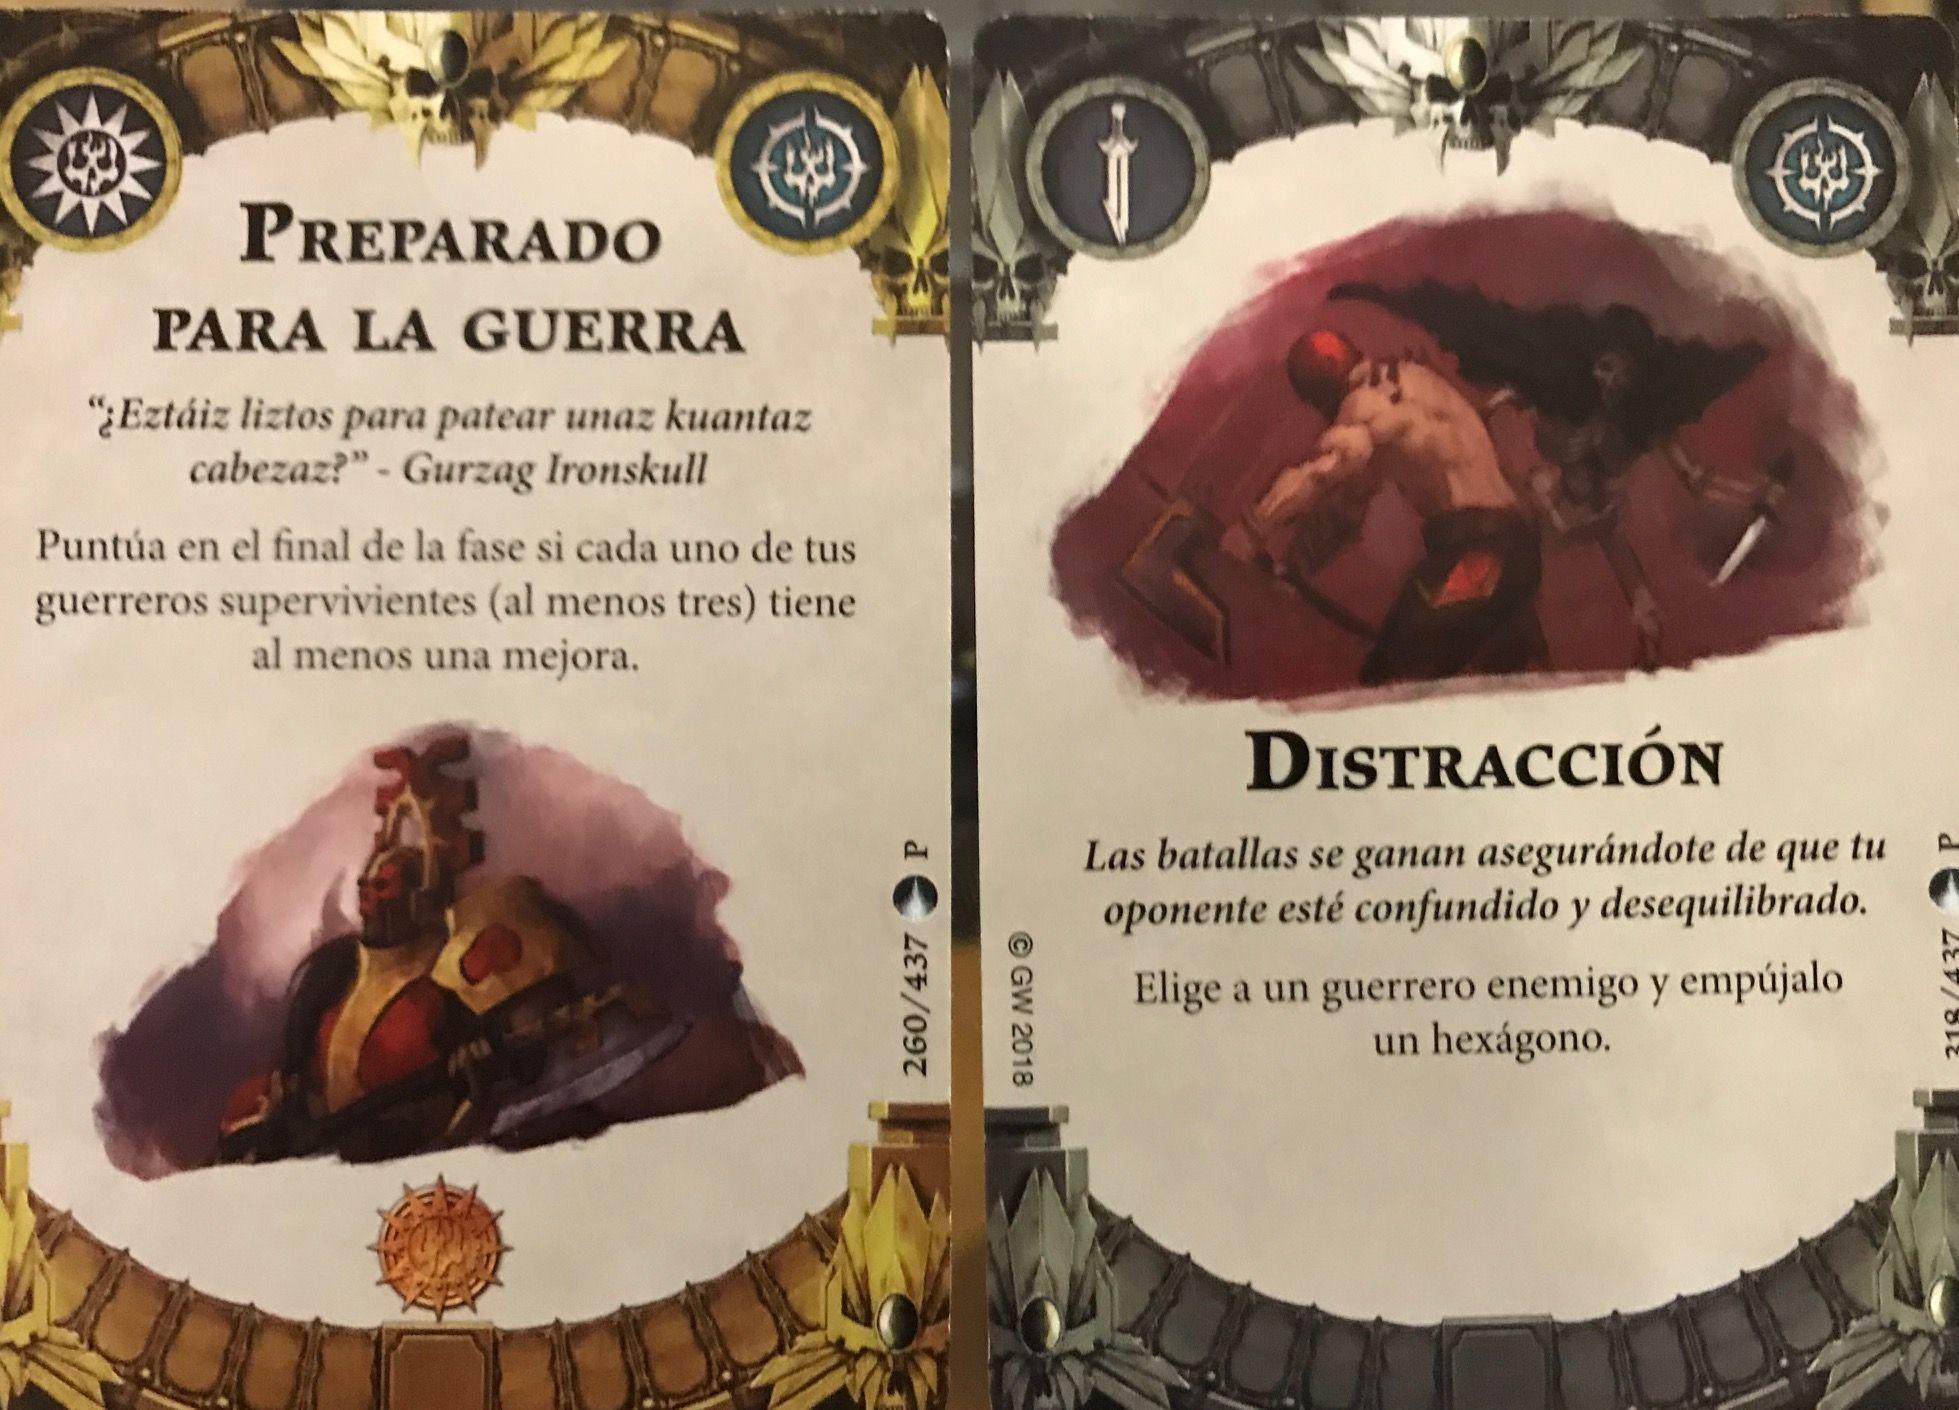 cartas promos por participar en el torneo de warhammer shadespire